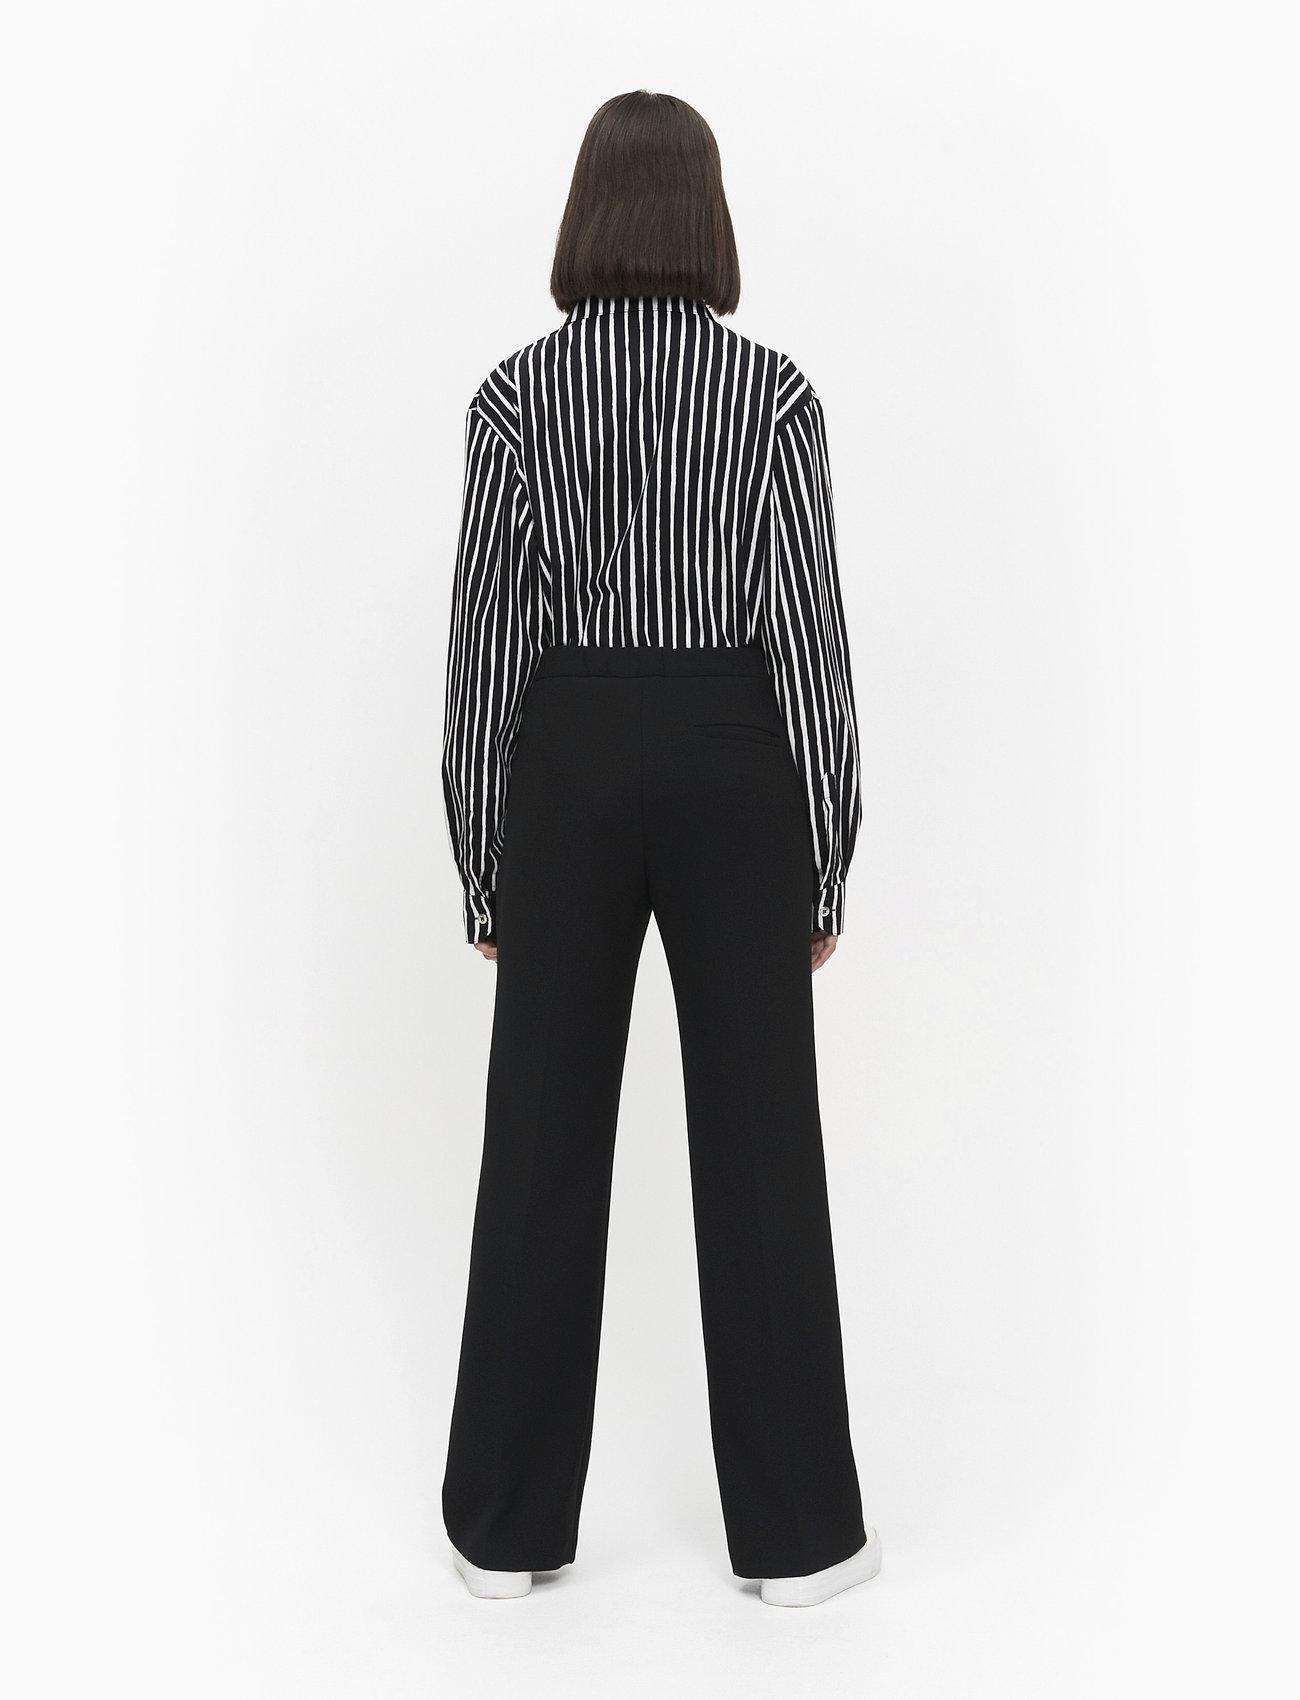 Marimekko HAKKU LONG SOLID TROUSERS - Spodnie BLACK - Kobiety Odzież.